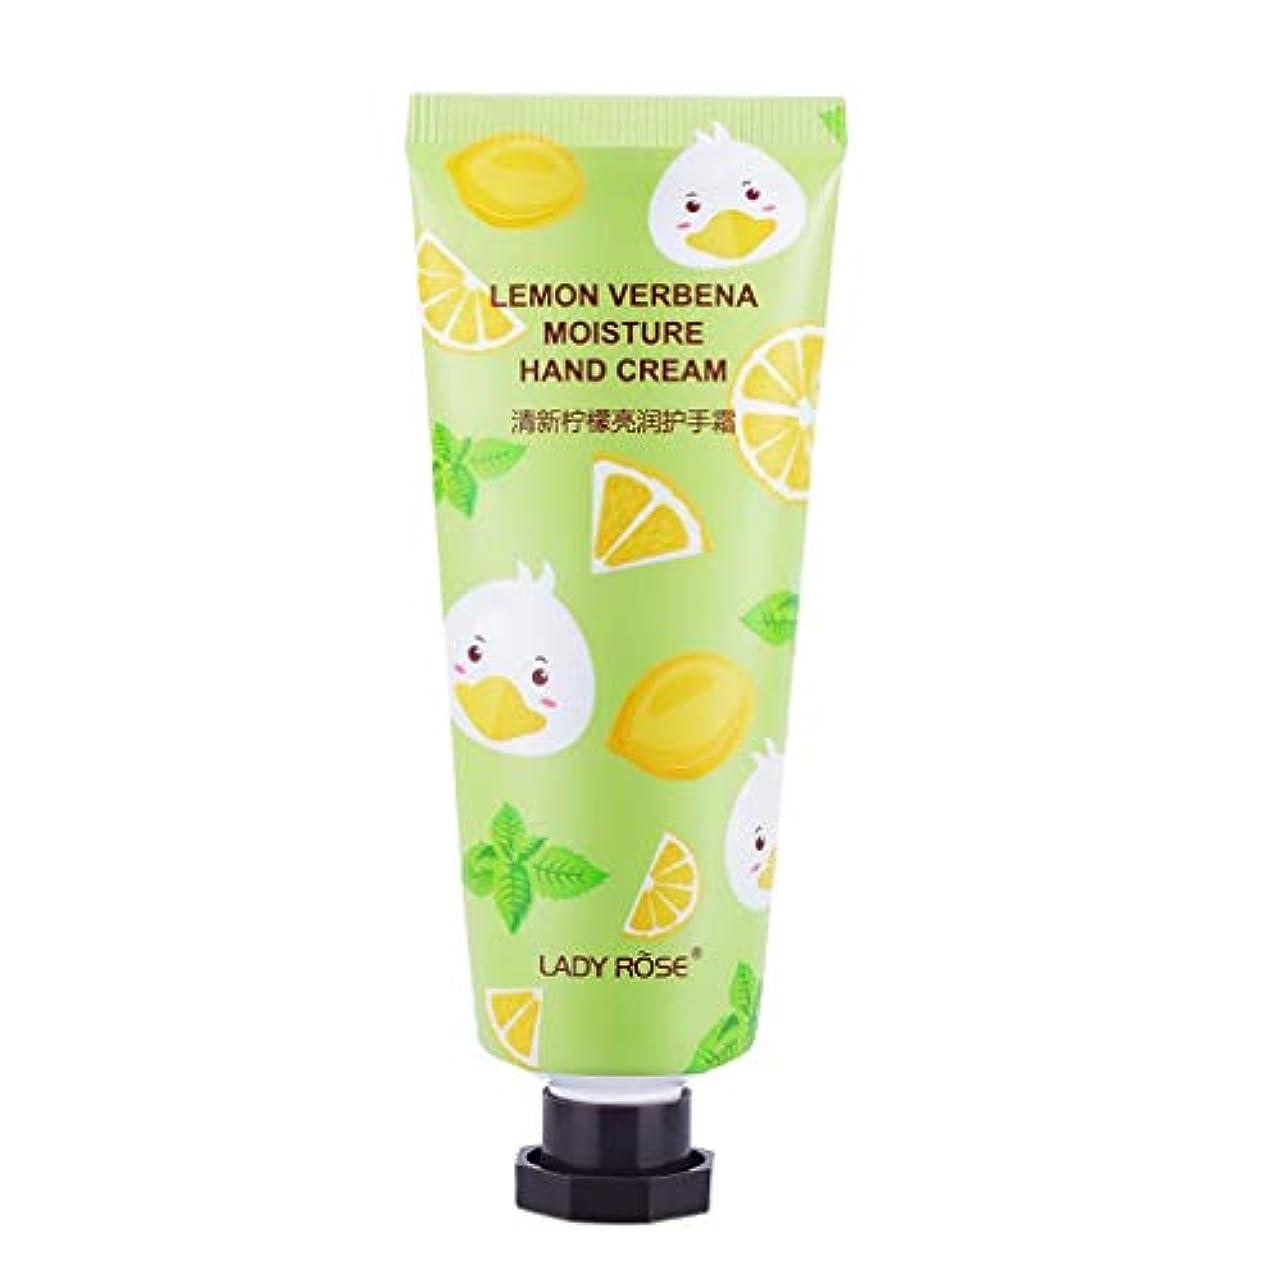 黒ロボットスキームB Baosity ハンドクリーム 保湿 ローション 潤い スキンケア ハンドローション 3タイプ選べ - レモン